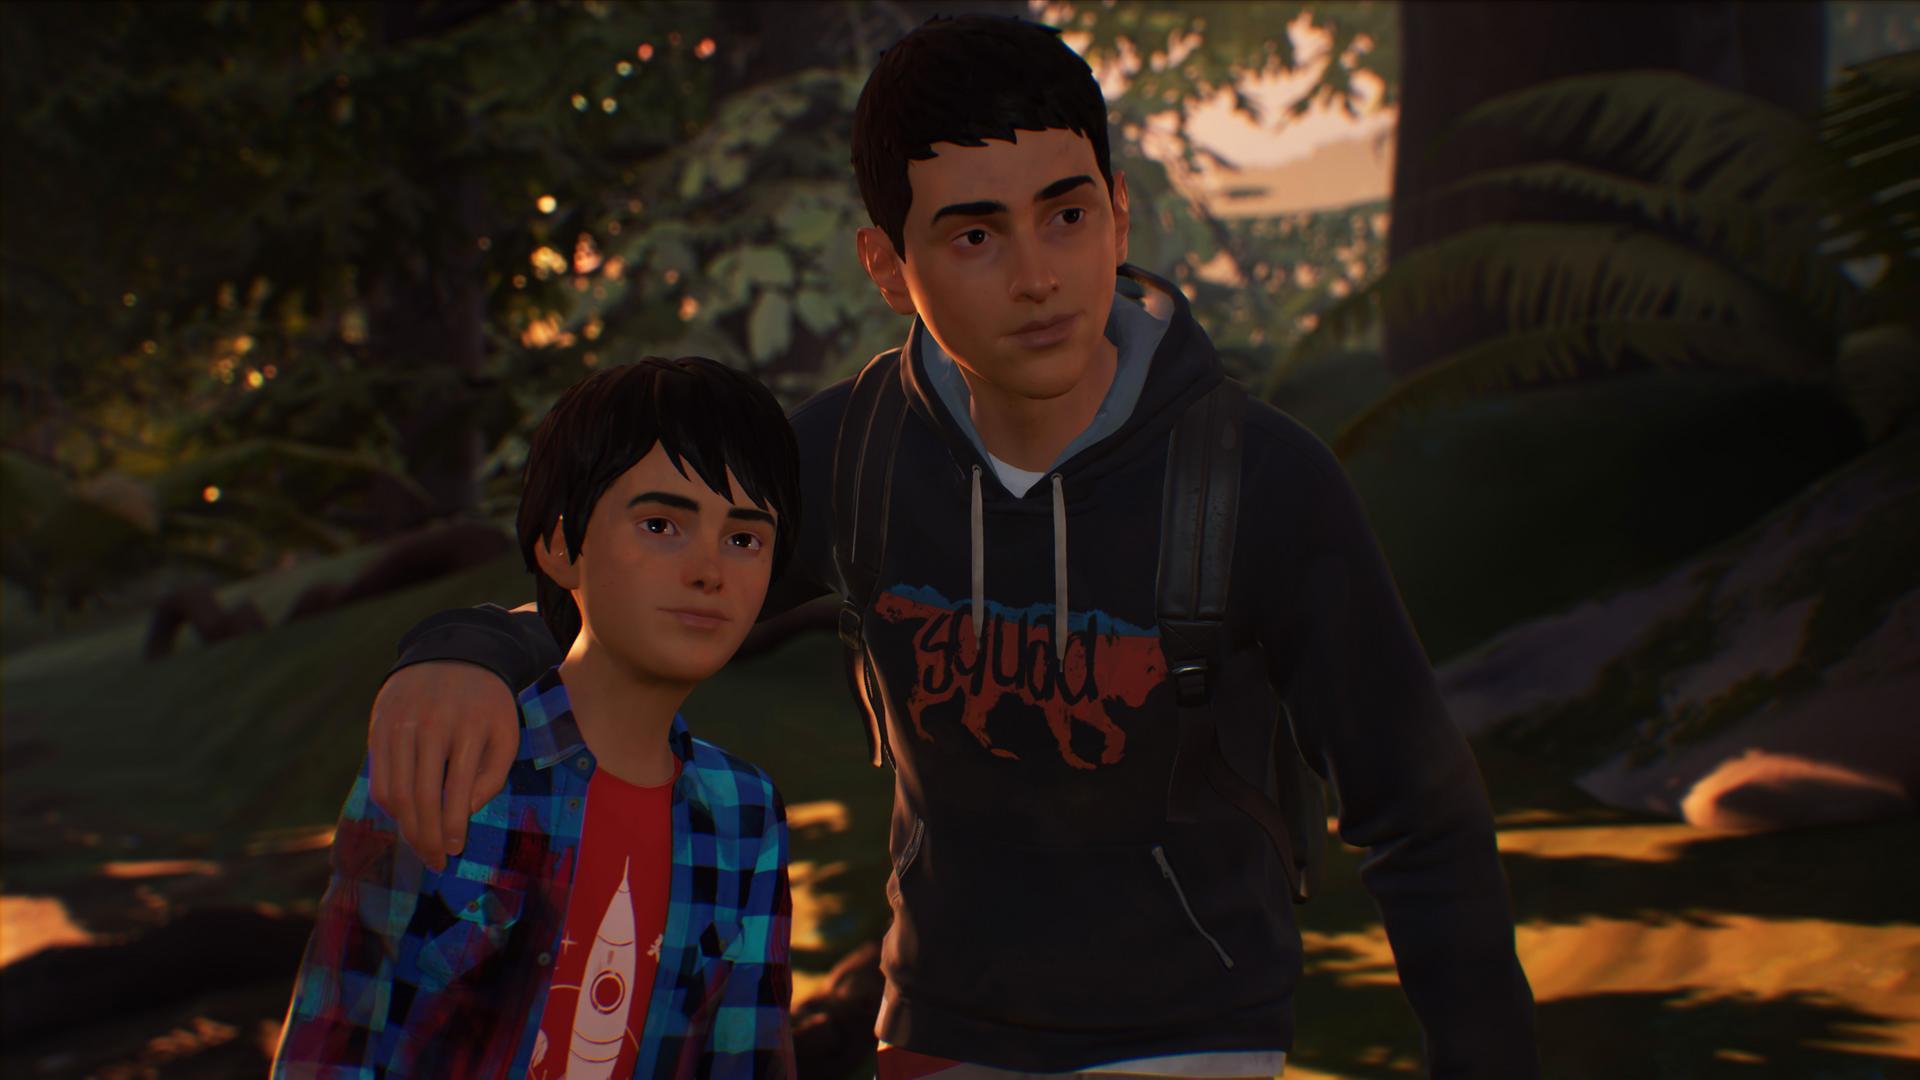 Sean et Daniel Diaz dans Life is strange 2